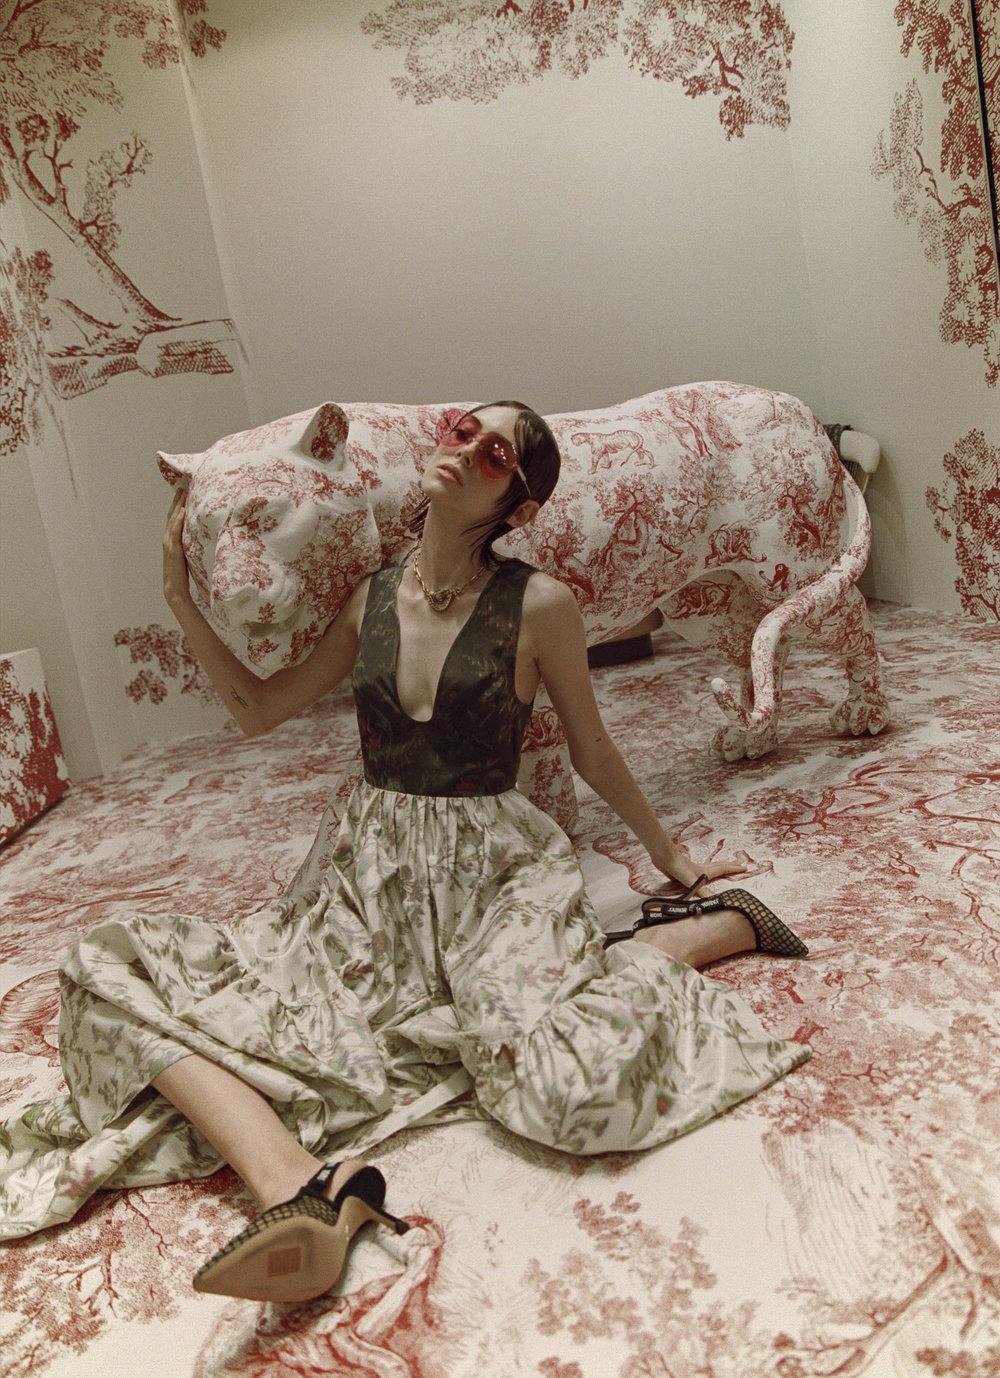 DAPHNENGUYEN-Dior x Matilda final-181214000246130007.jpg